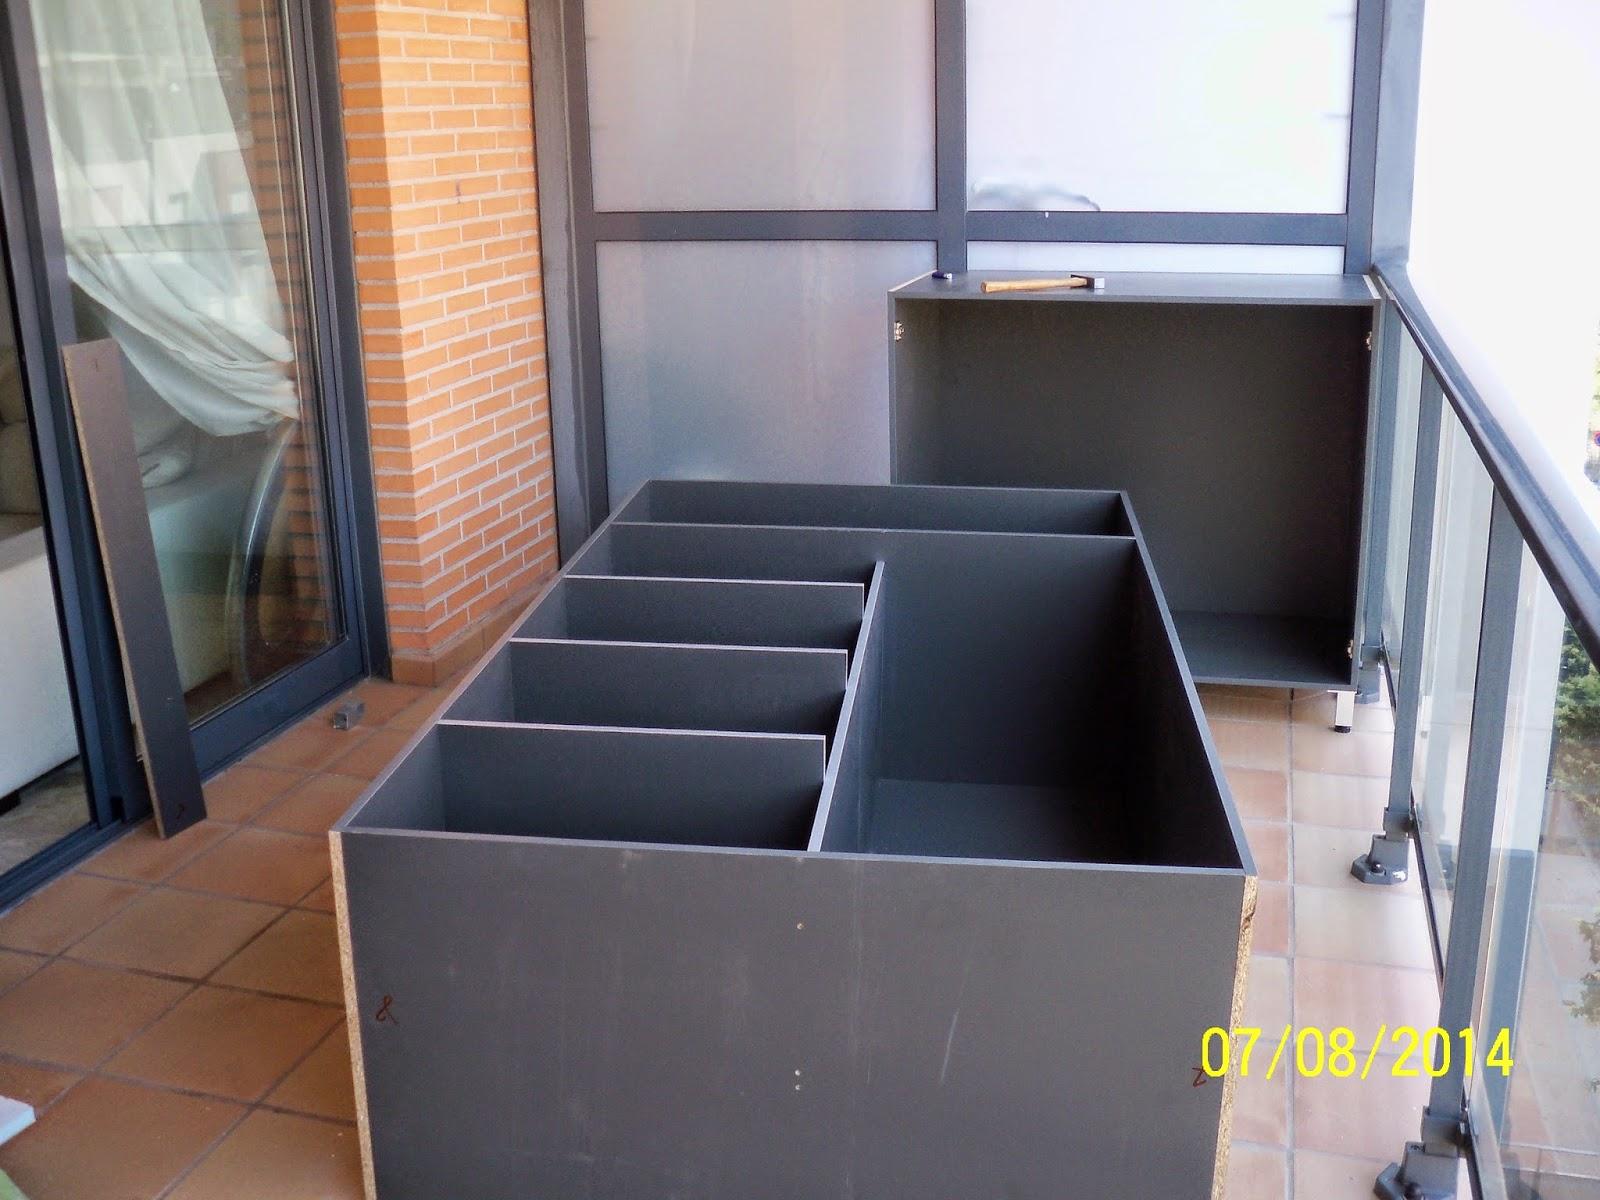 Pepe granell armario modular terraza ebanister a 2014 - Armarios para terrazas ...